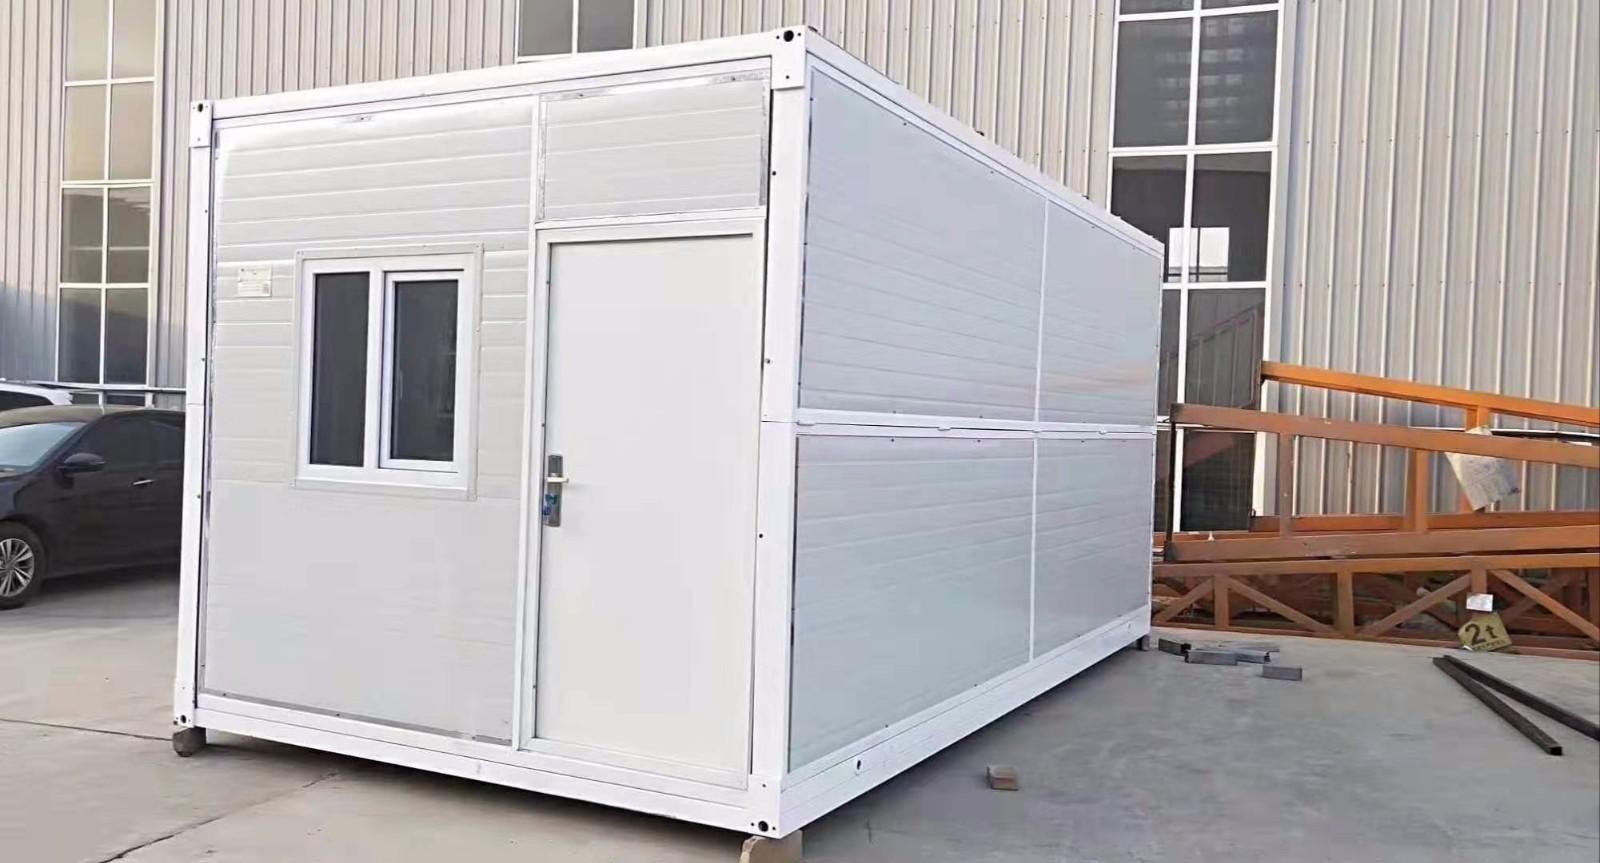 优干宁镇住人集装箱房运输方便 安装快捷